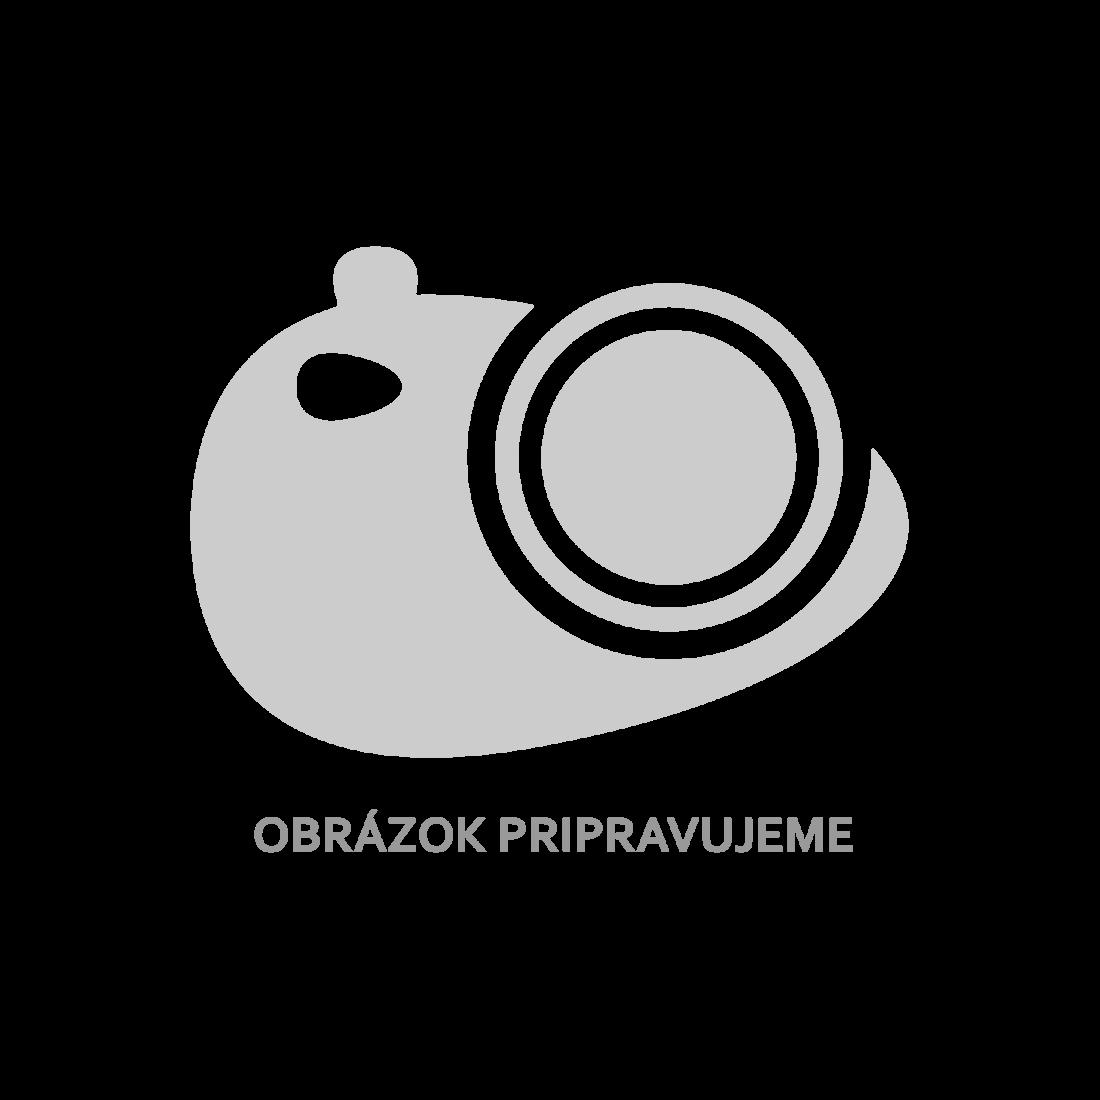 Stolička, masivní recyklované dřevo, 20x20x23 cm [244508]